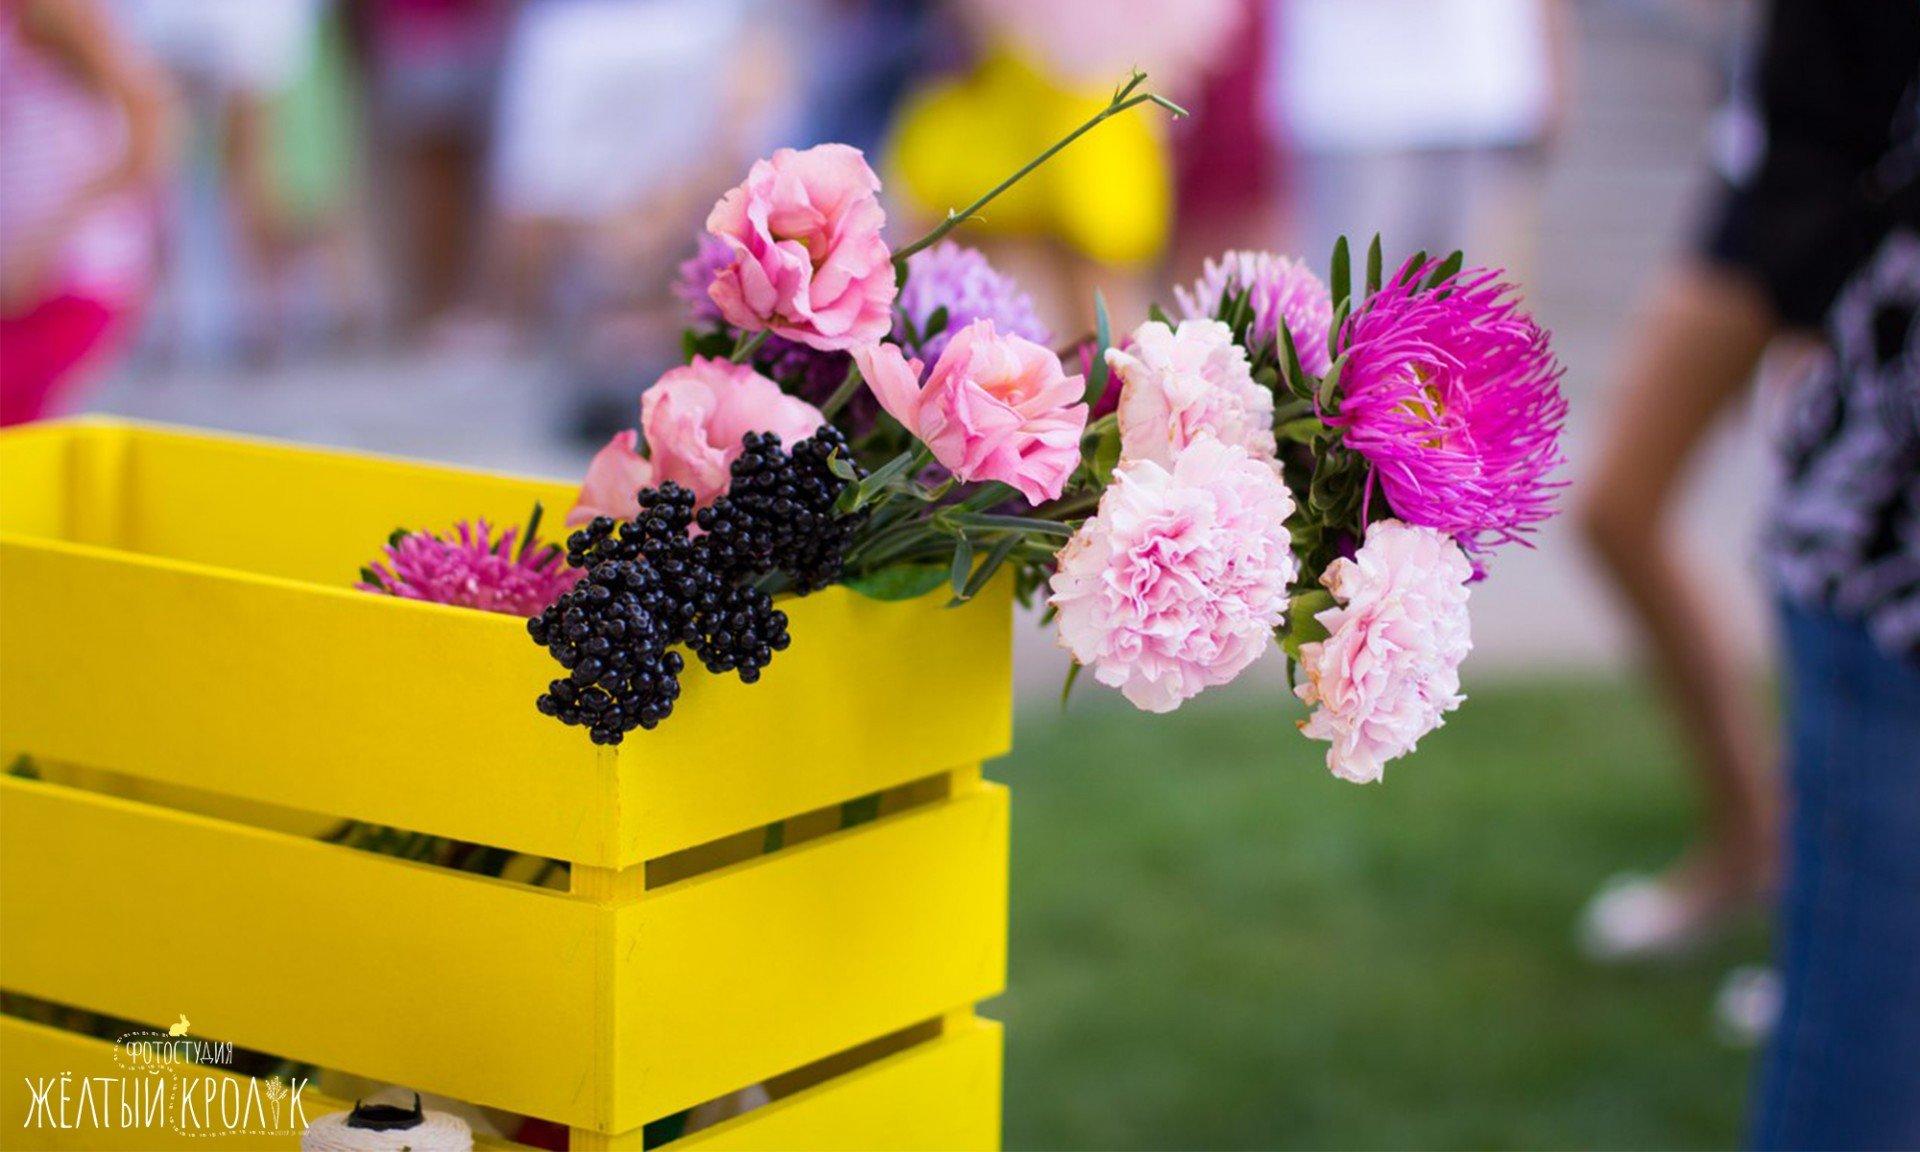 букет цветов в желтом ящике - репортажная фотосъемка в фотостудии желтый кролик